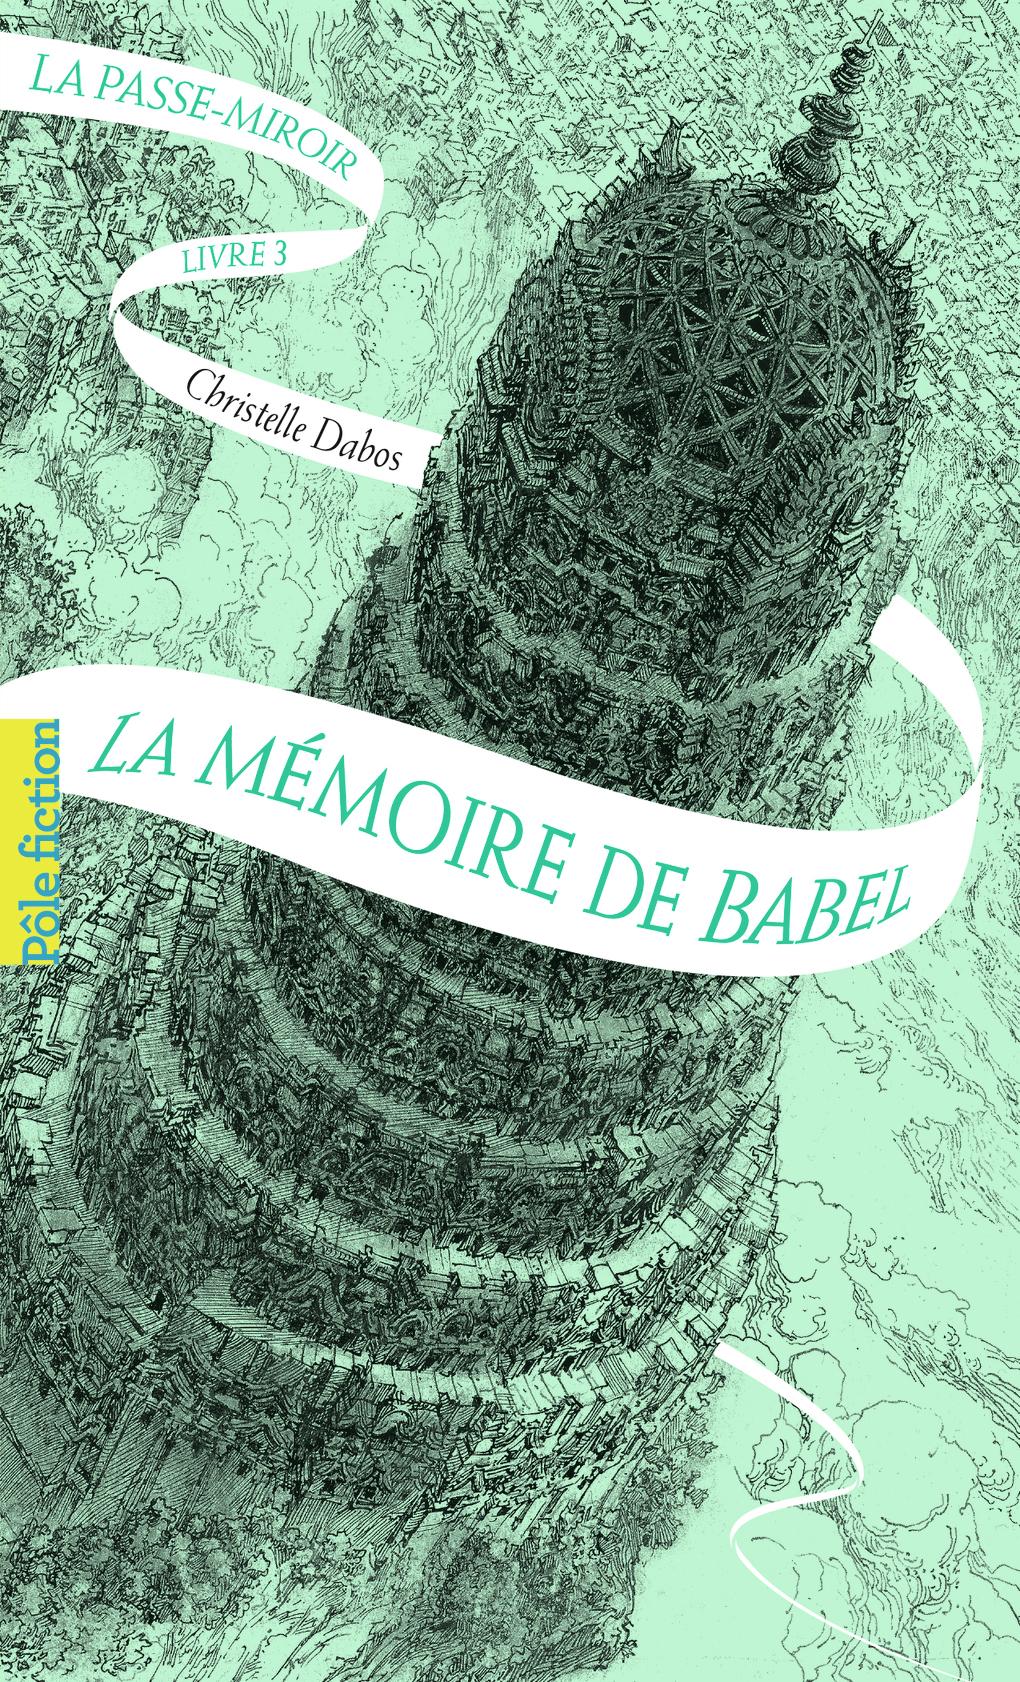 La Passe-miroir (Livre 3) - La Mémoire de Babel